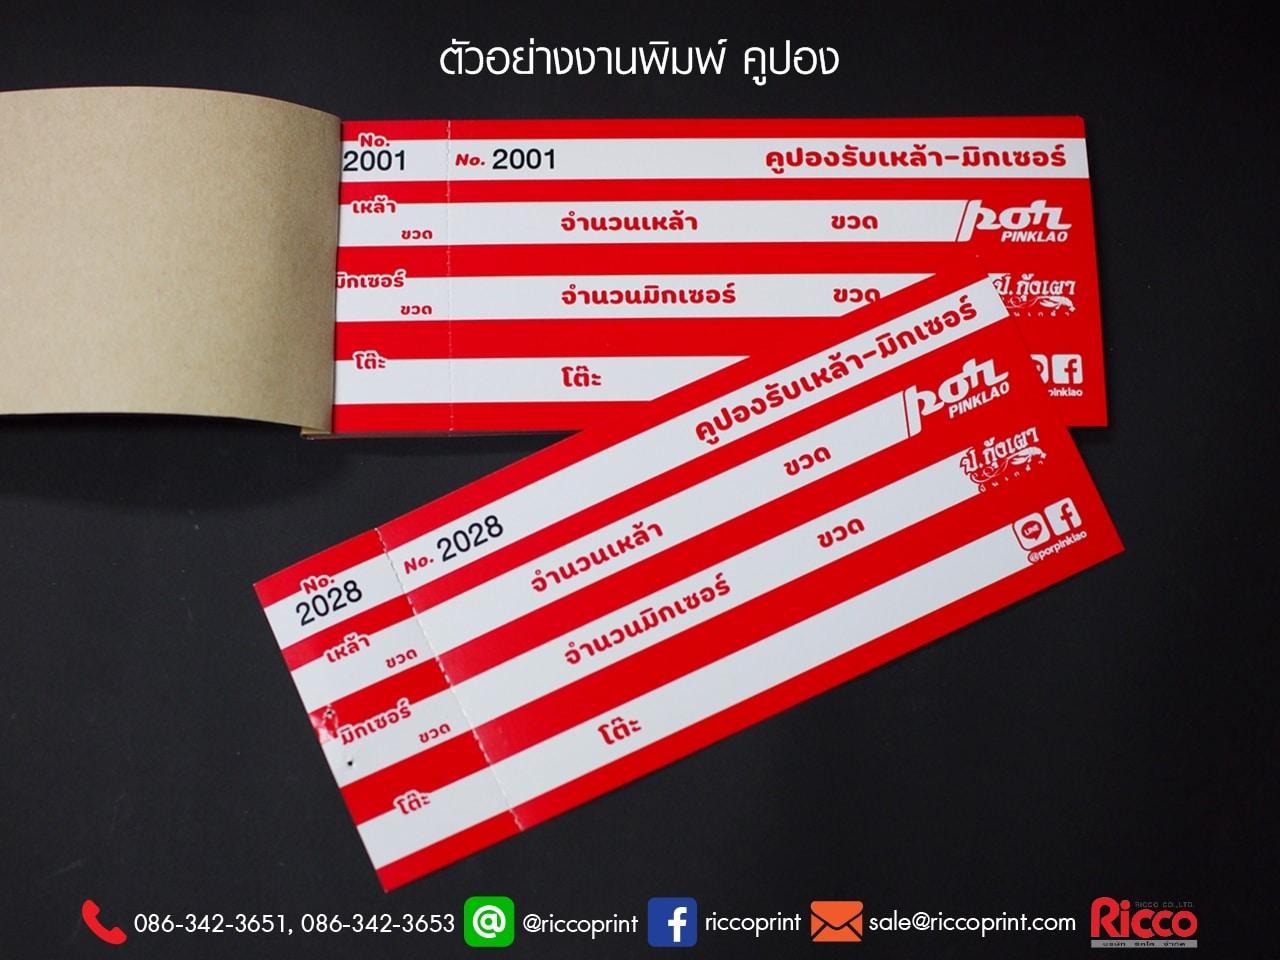 รูป Coupon Gift Voucher 2020 PohPinklao4 - ประกอบเนื้อหา คูปอง บัตรกำนัล ตั๋ว